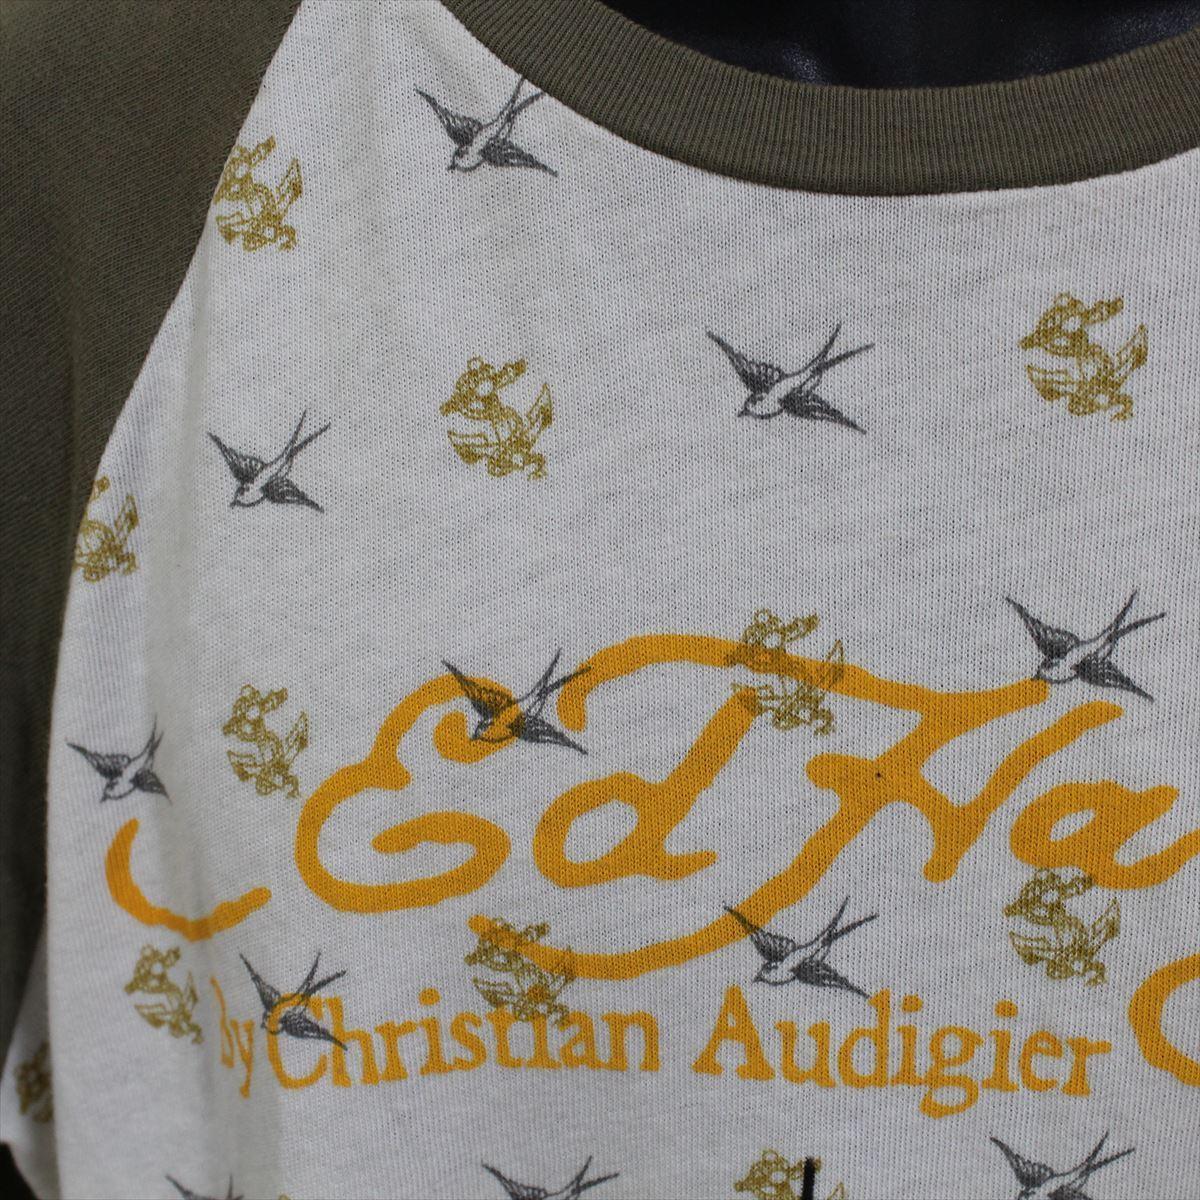 エドハーディー ED HARDY メンズ長袖Tシャツ カーキ Sサイズ M03TTMR312 新品 ラグランスリーブ アメリカ製_画像3